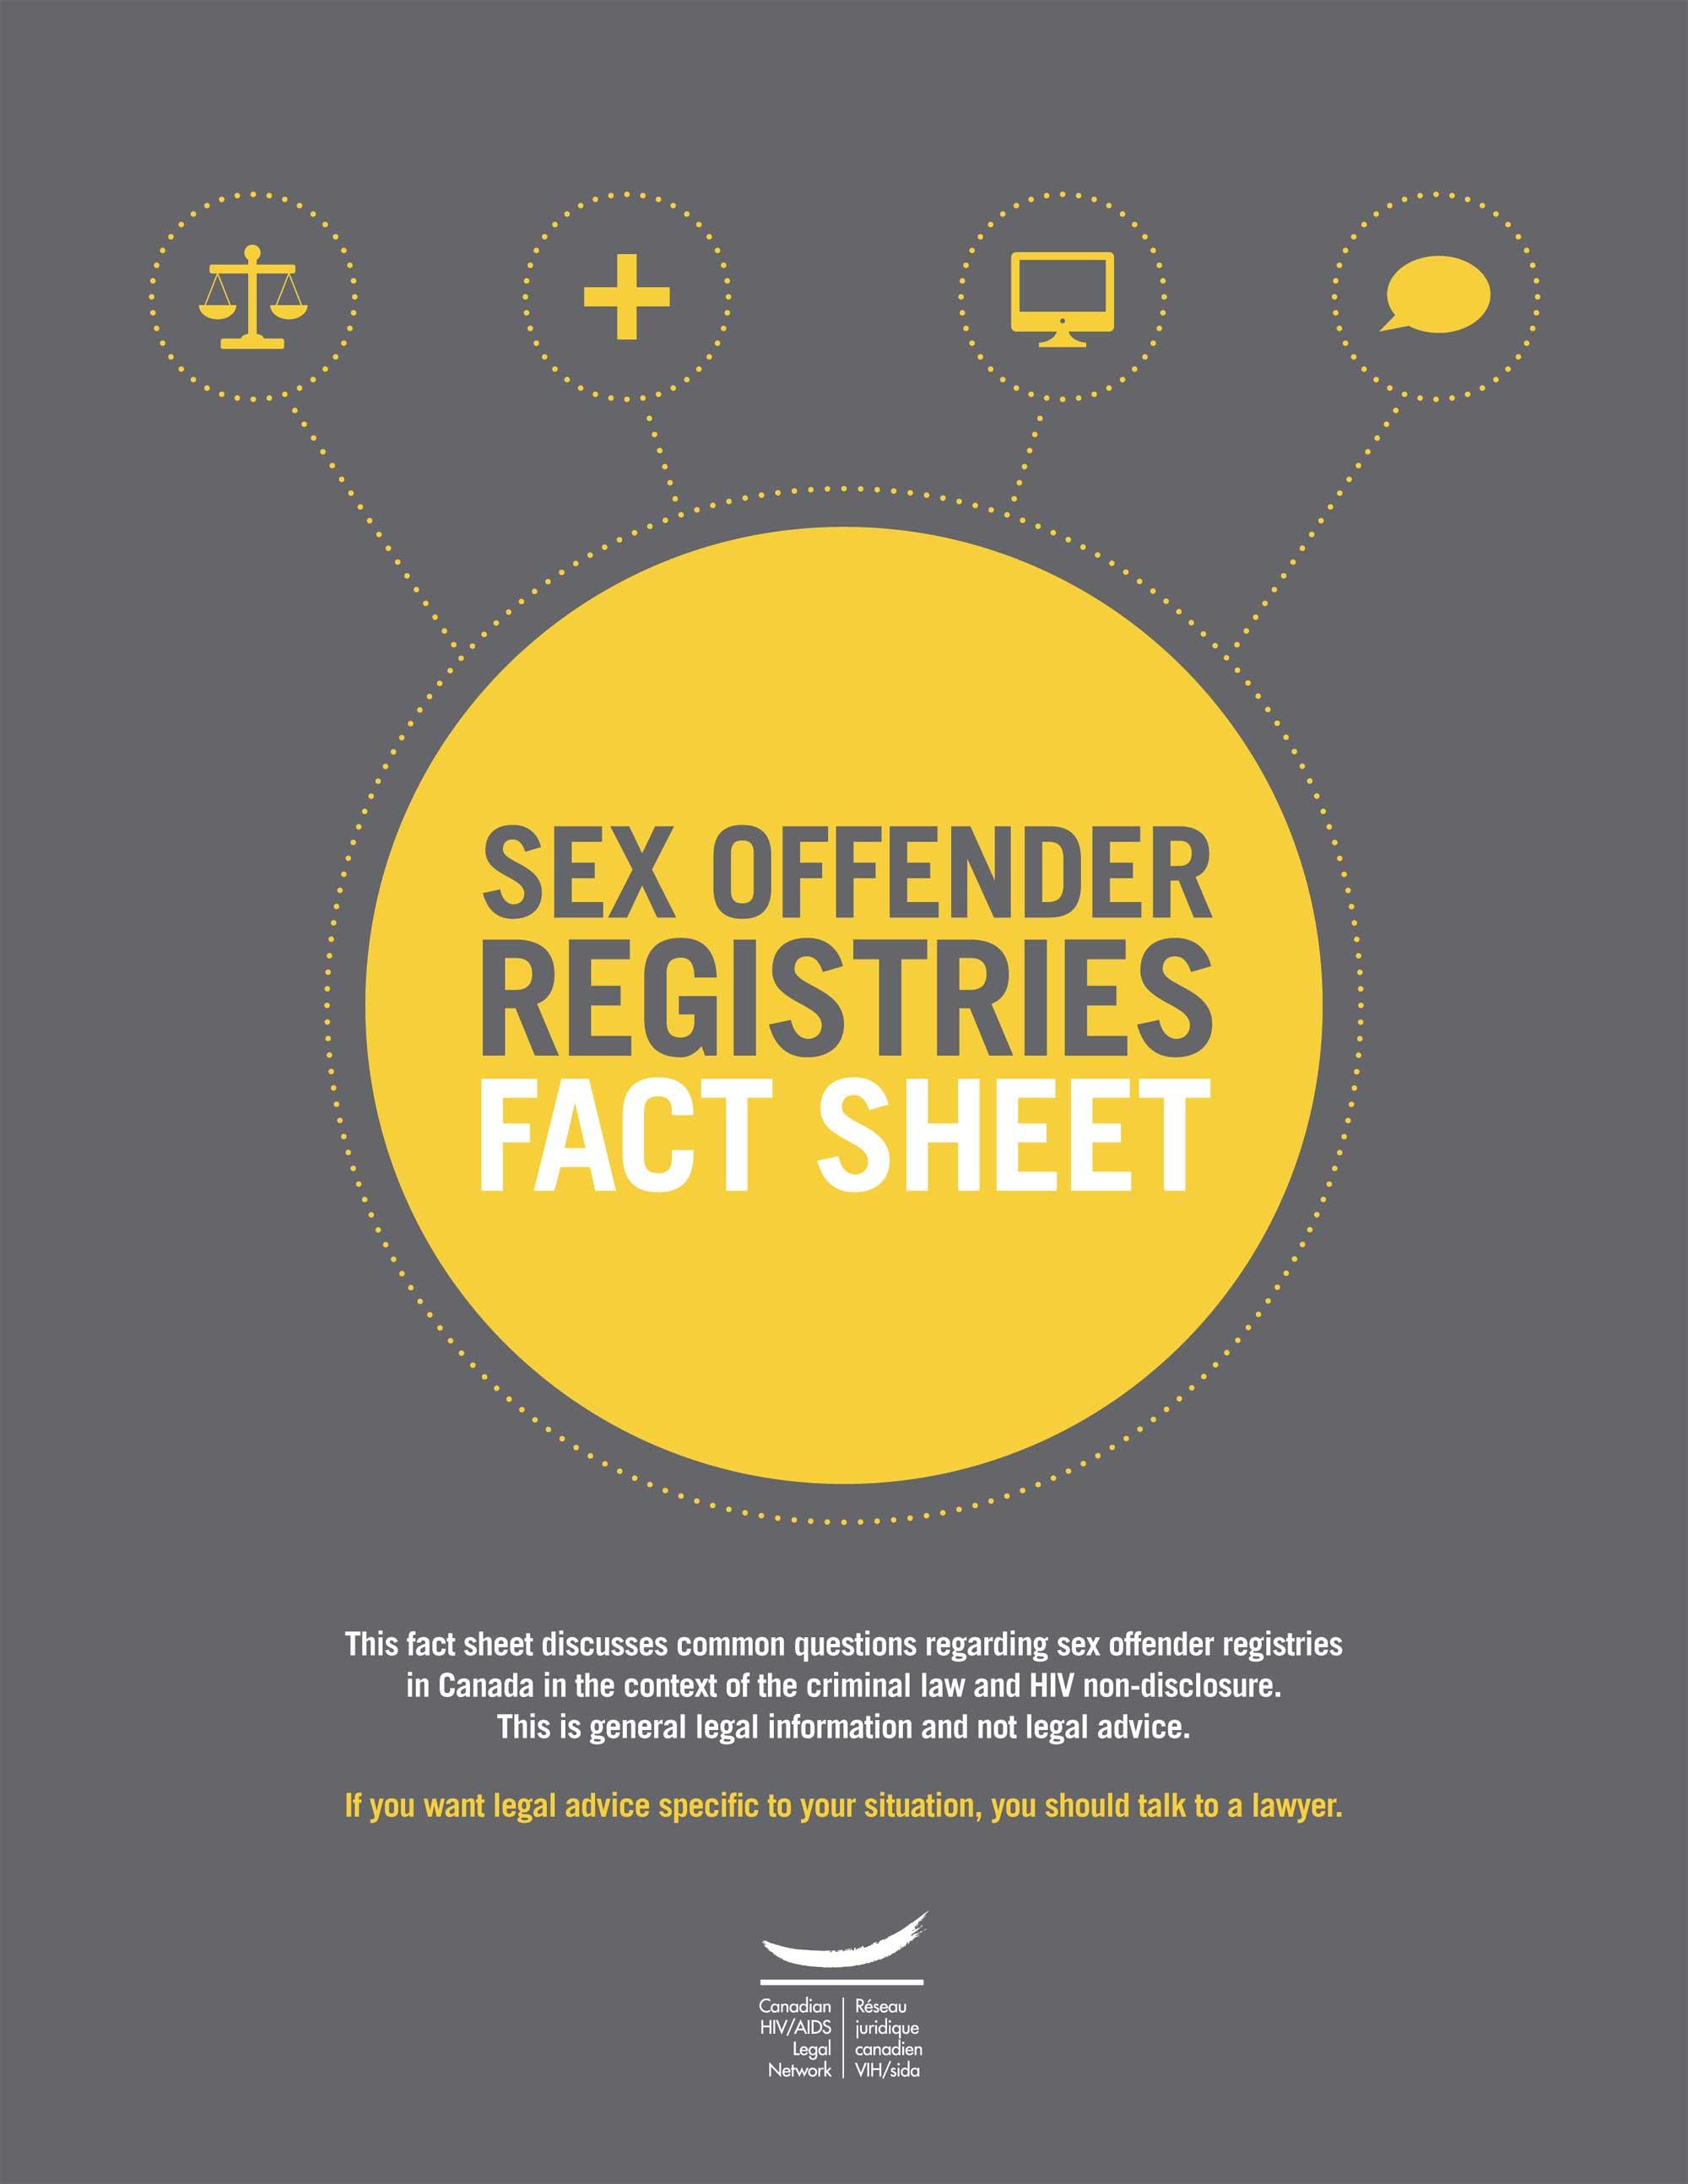 Sex Offender Registries: Fact Sheet